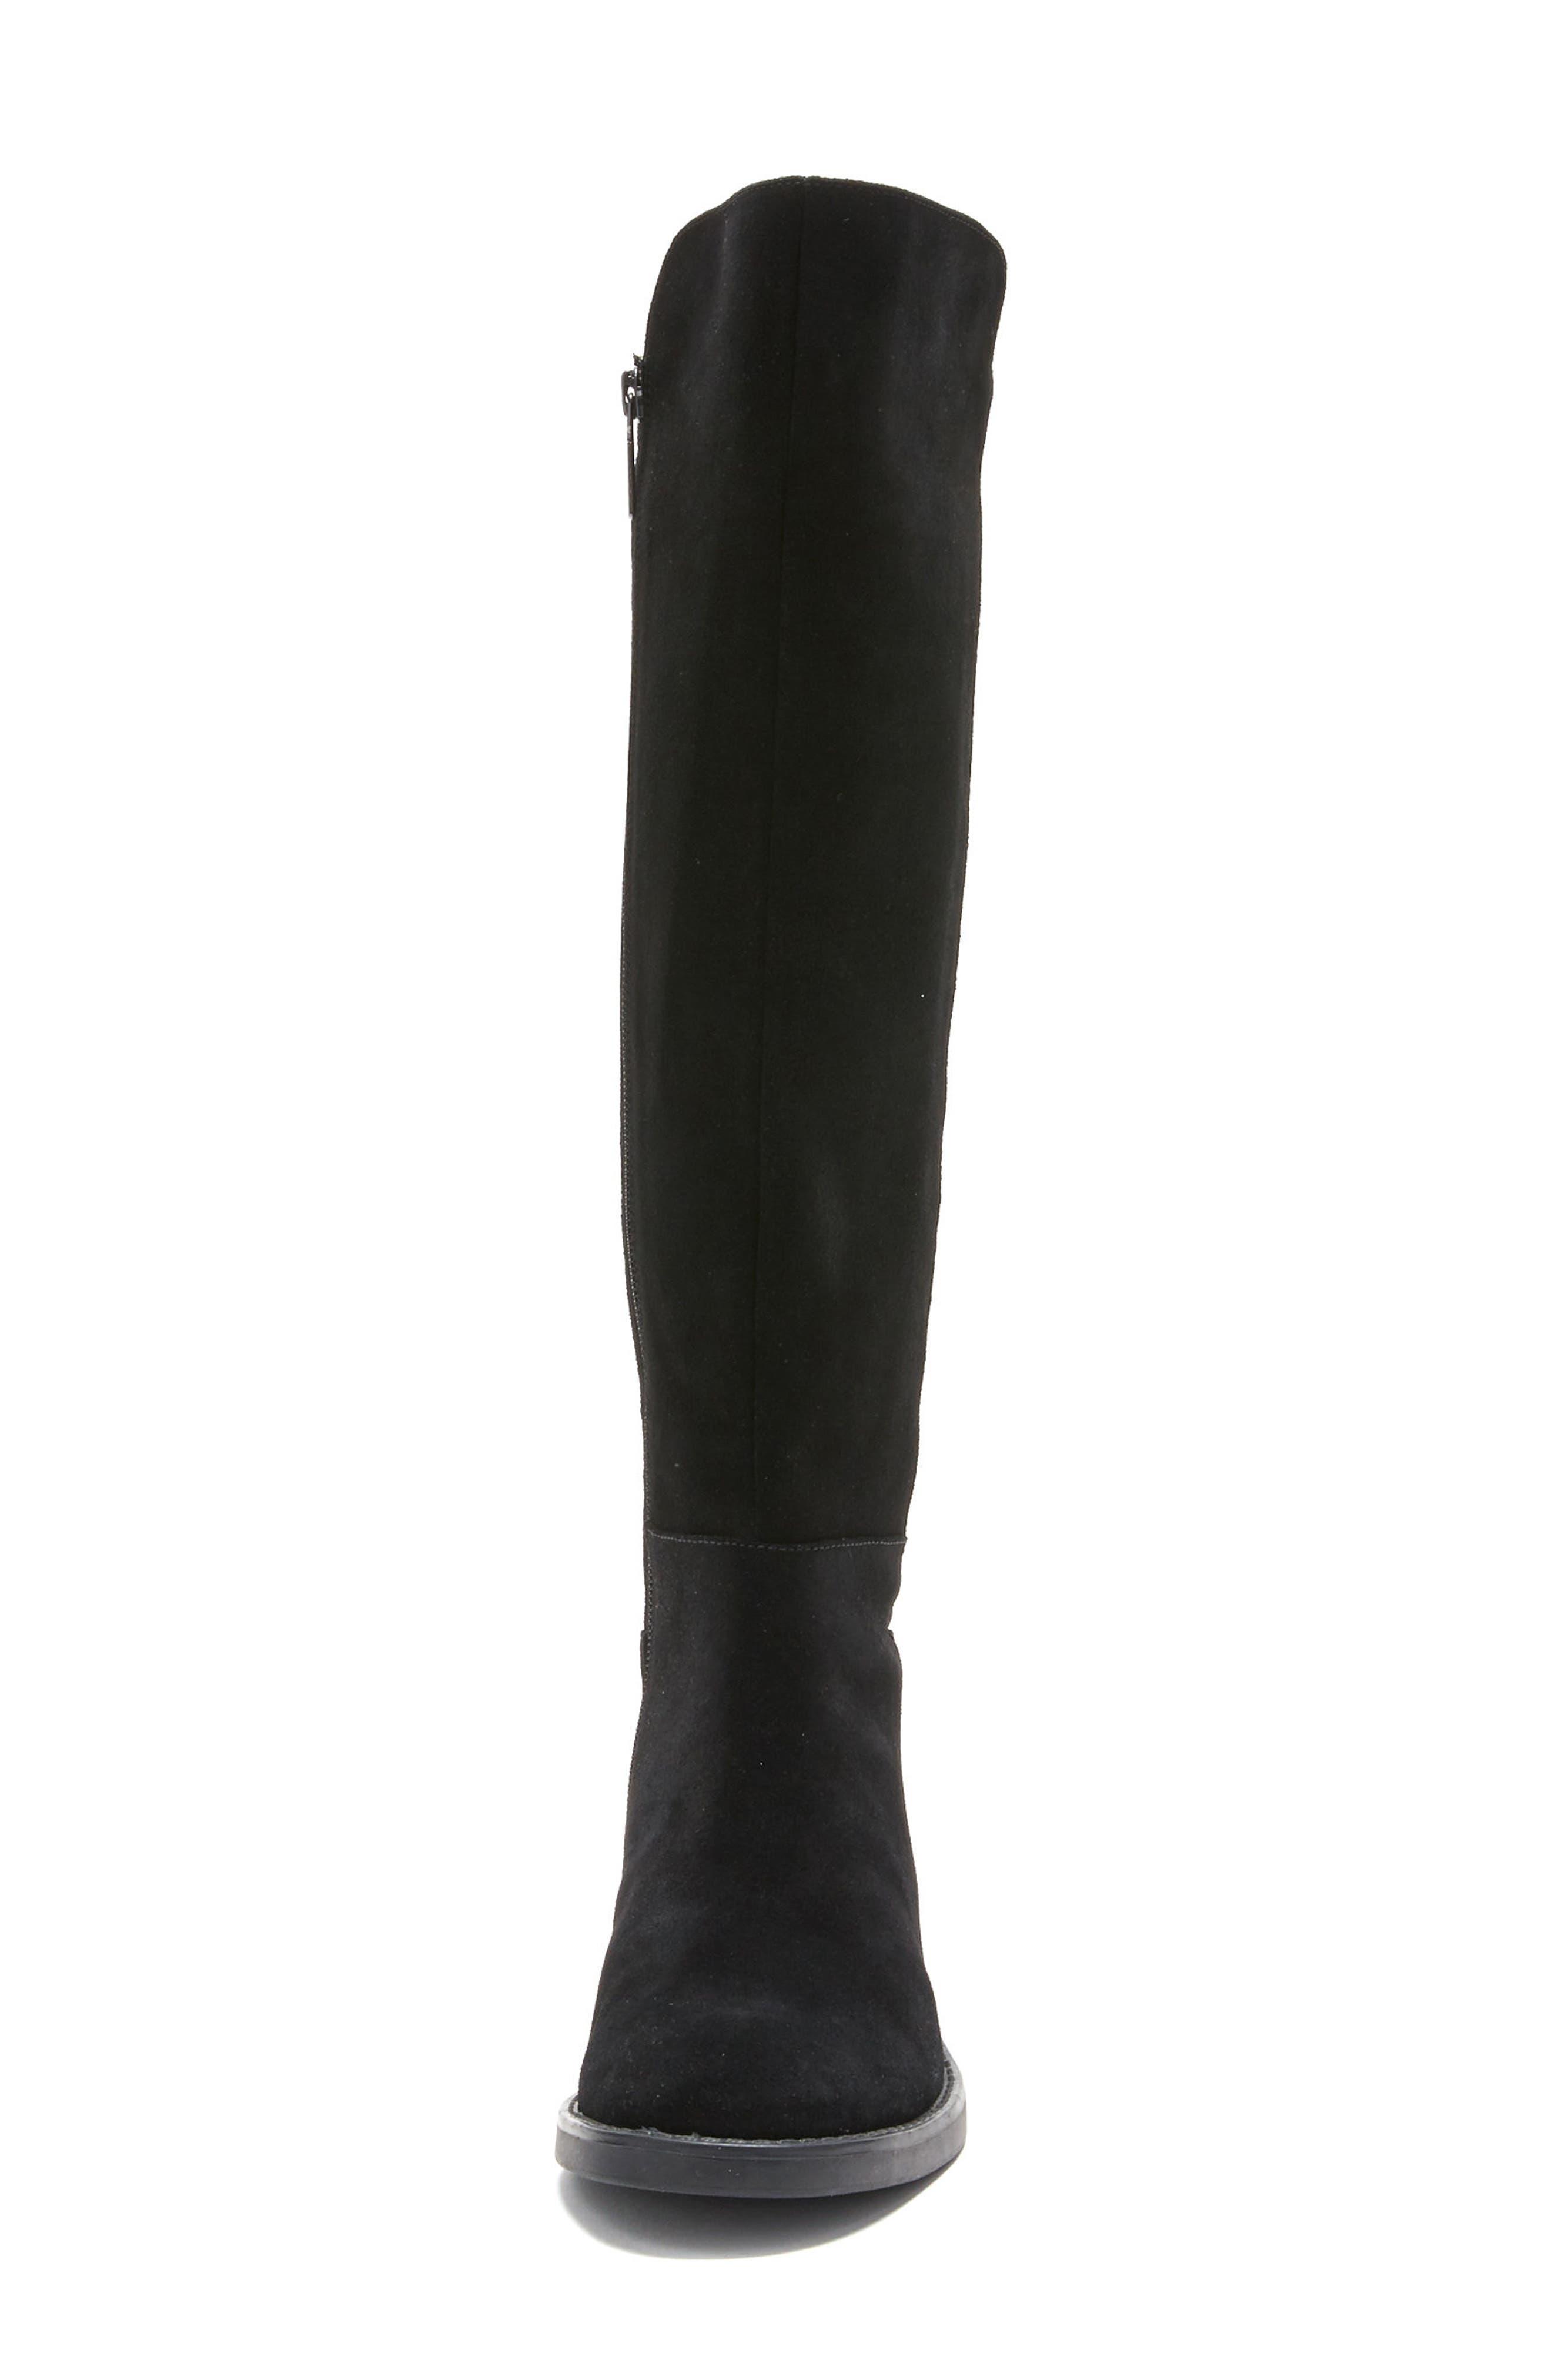 Ellie Waterproof Knee High Riding Boot,                             Alternate thumbnail 4, color,                             BLACK SUEDE